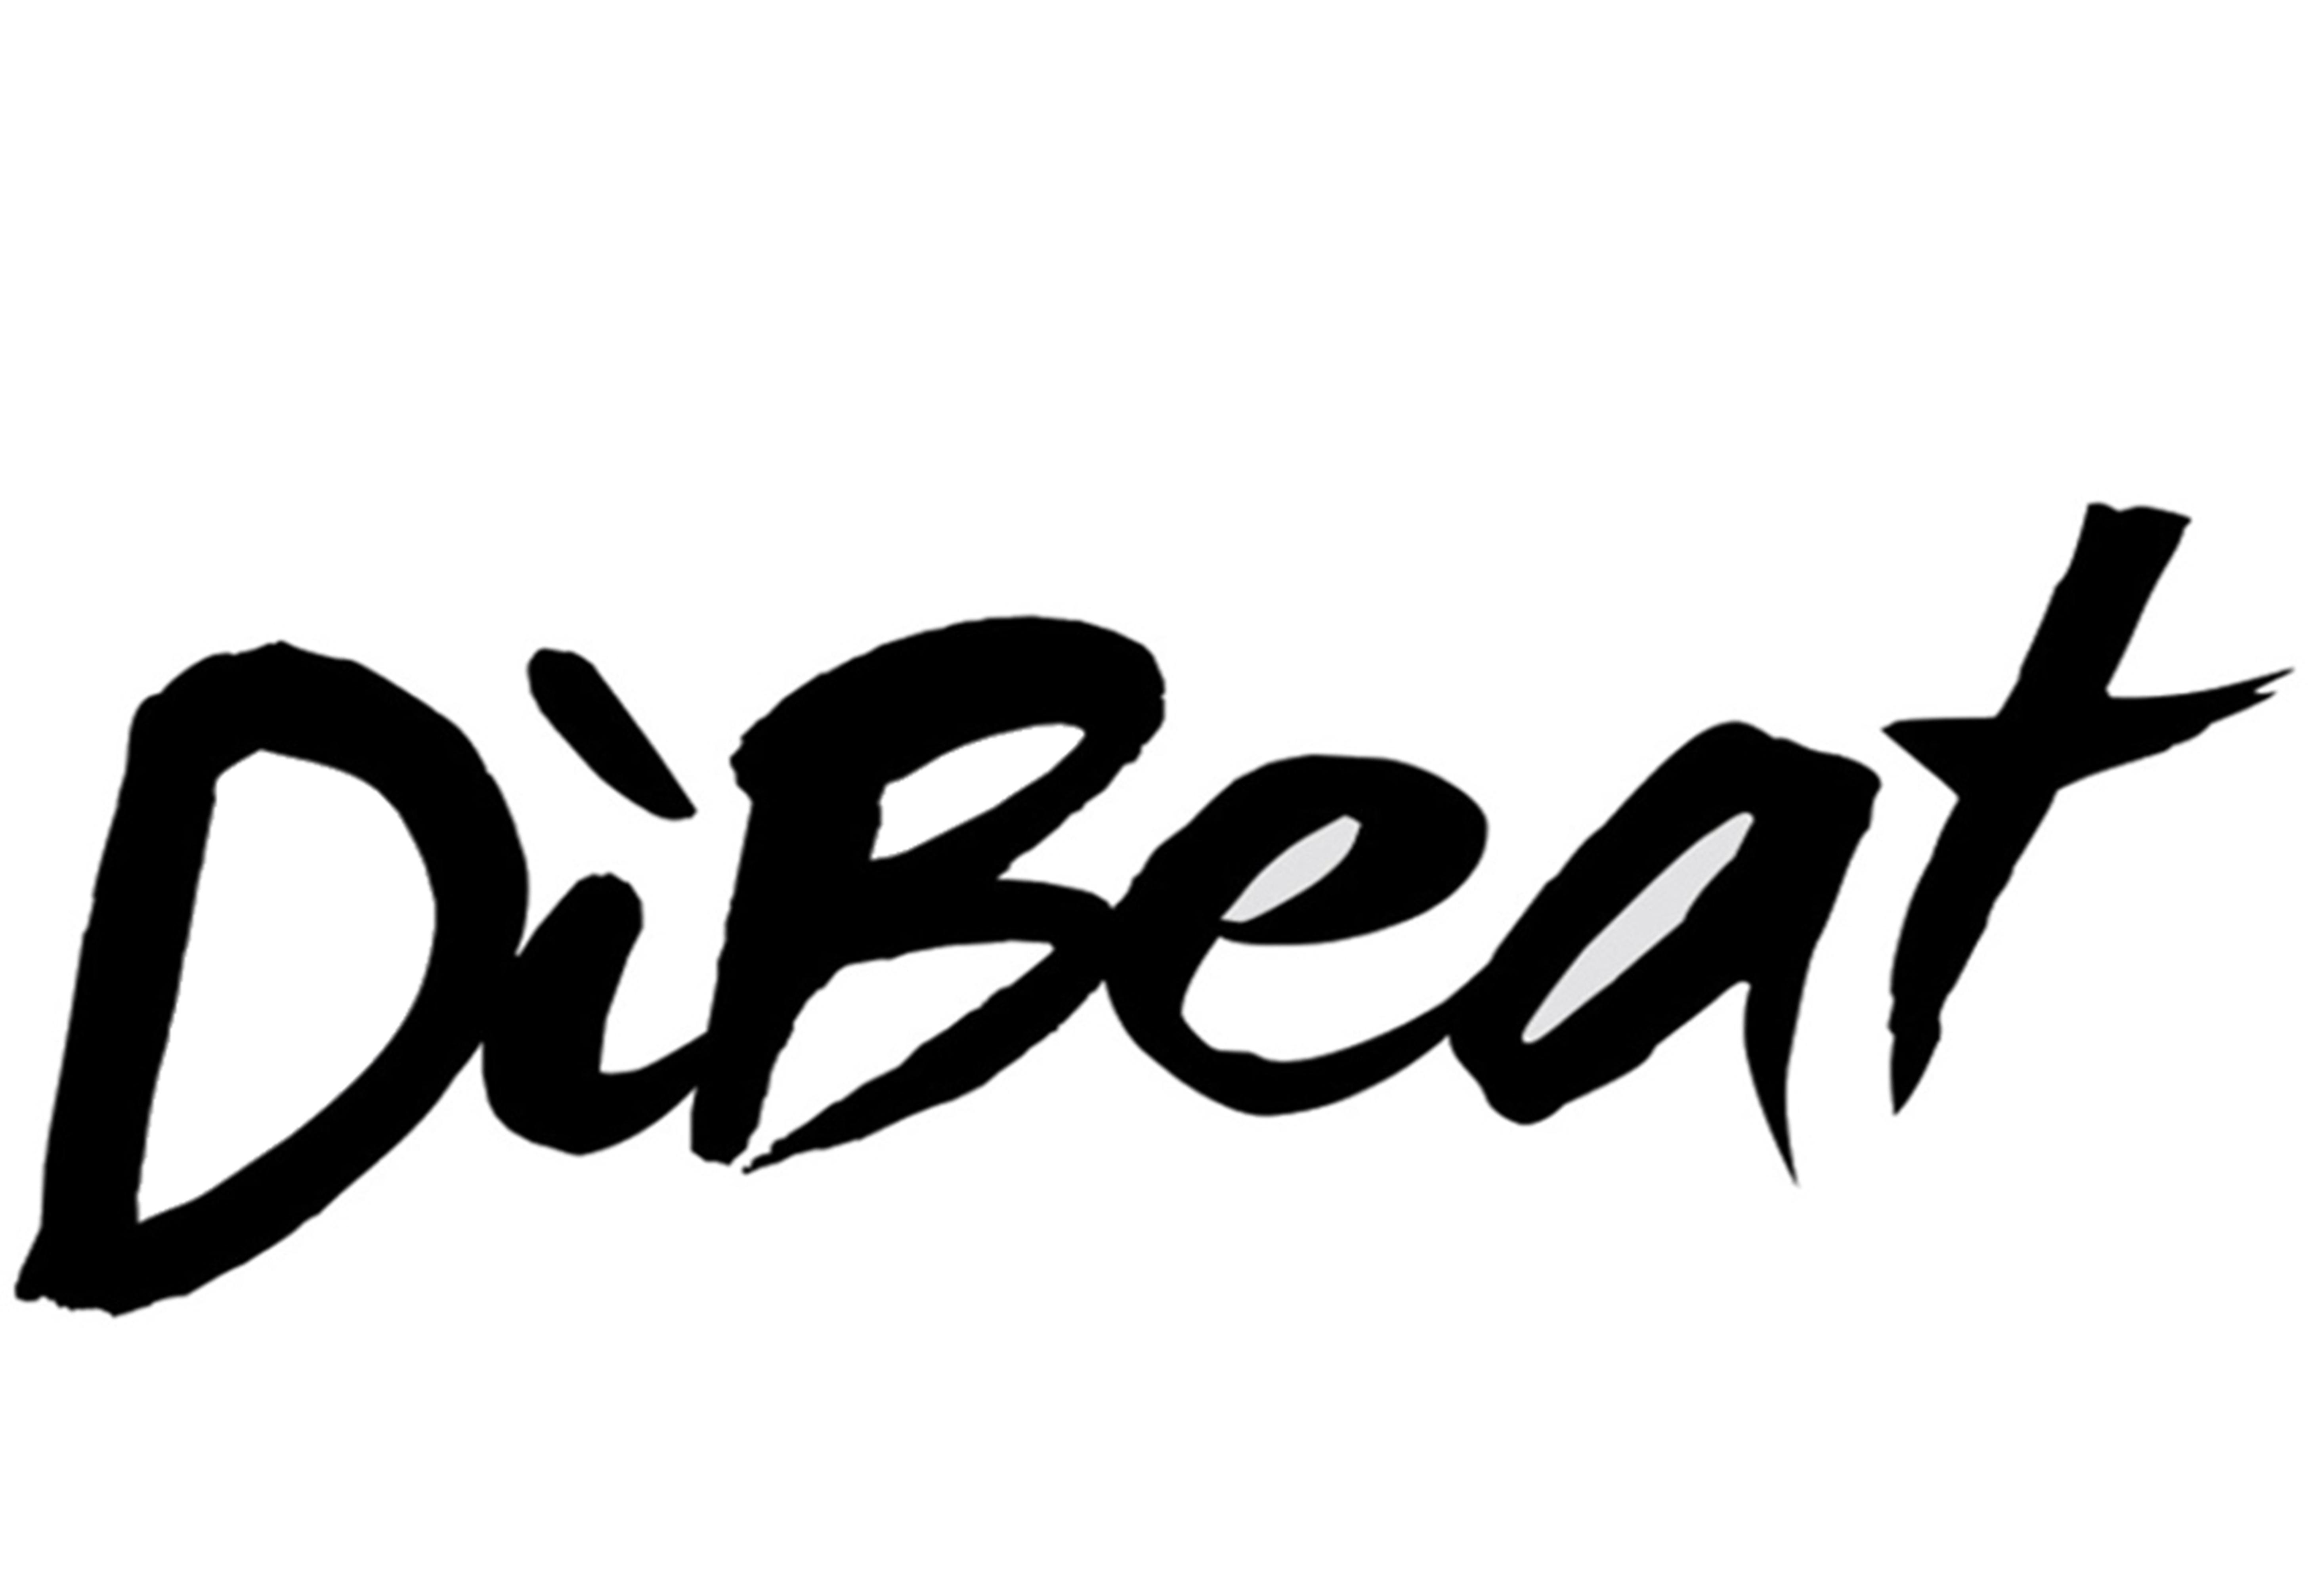 DìBeat